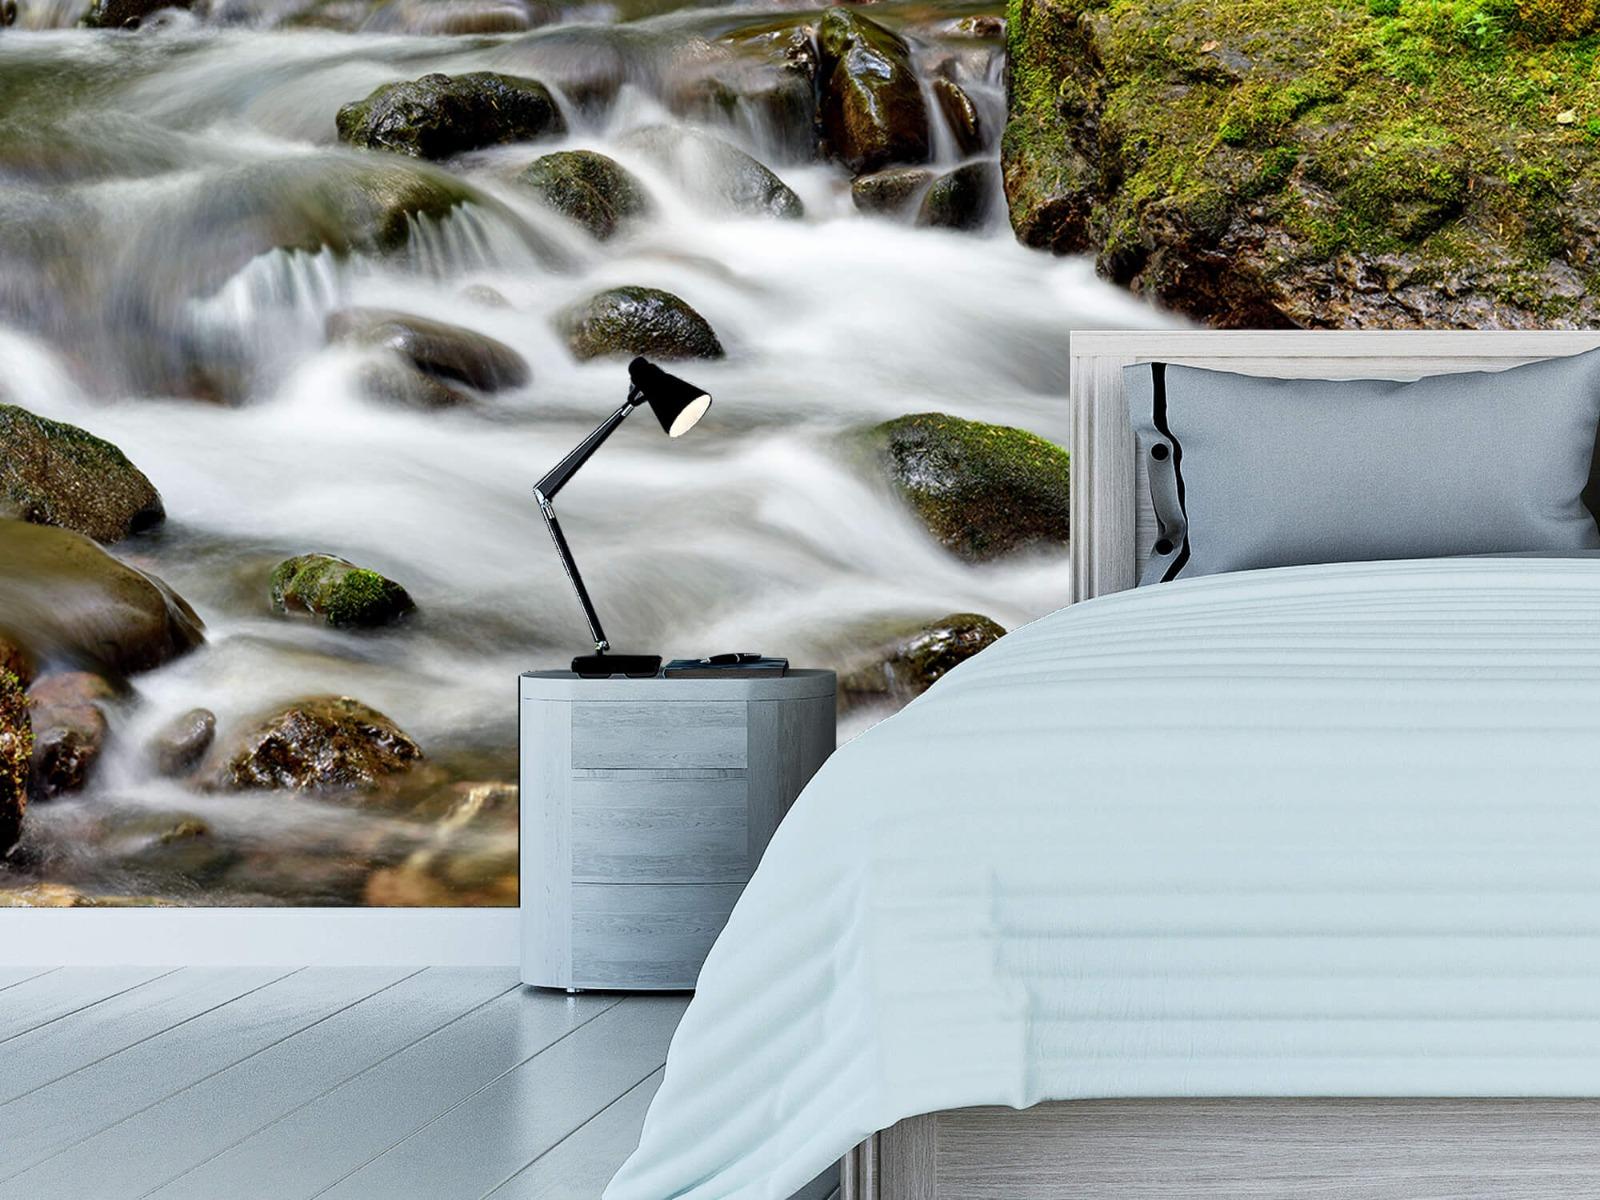 Meertjes en Wateren - Groen rotsblok met riviertje - Wallexclusive - Slaapkamer 13